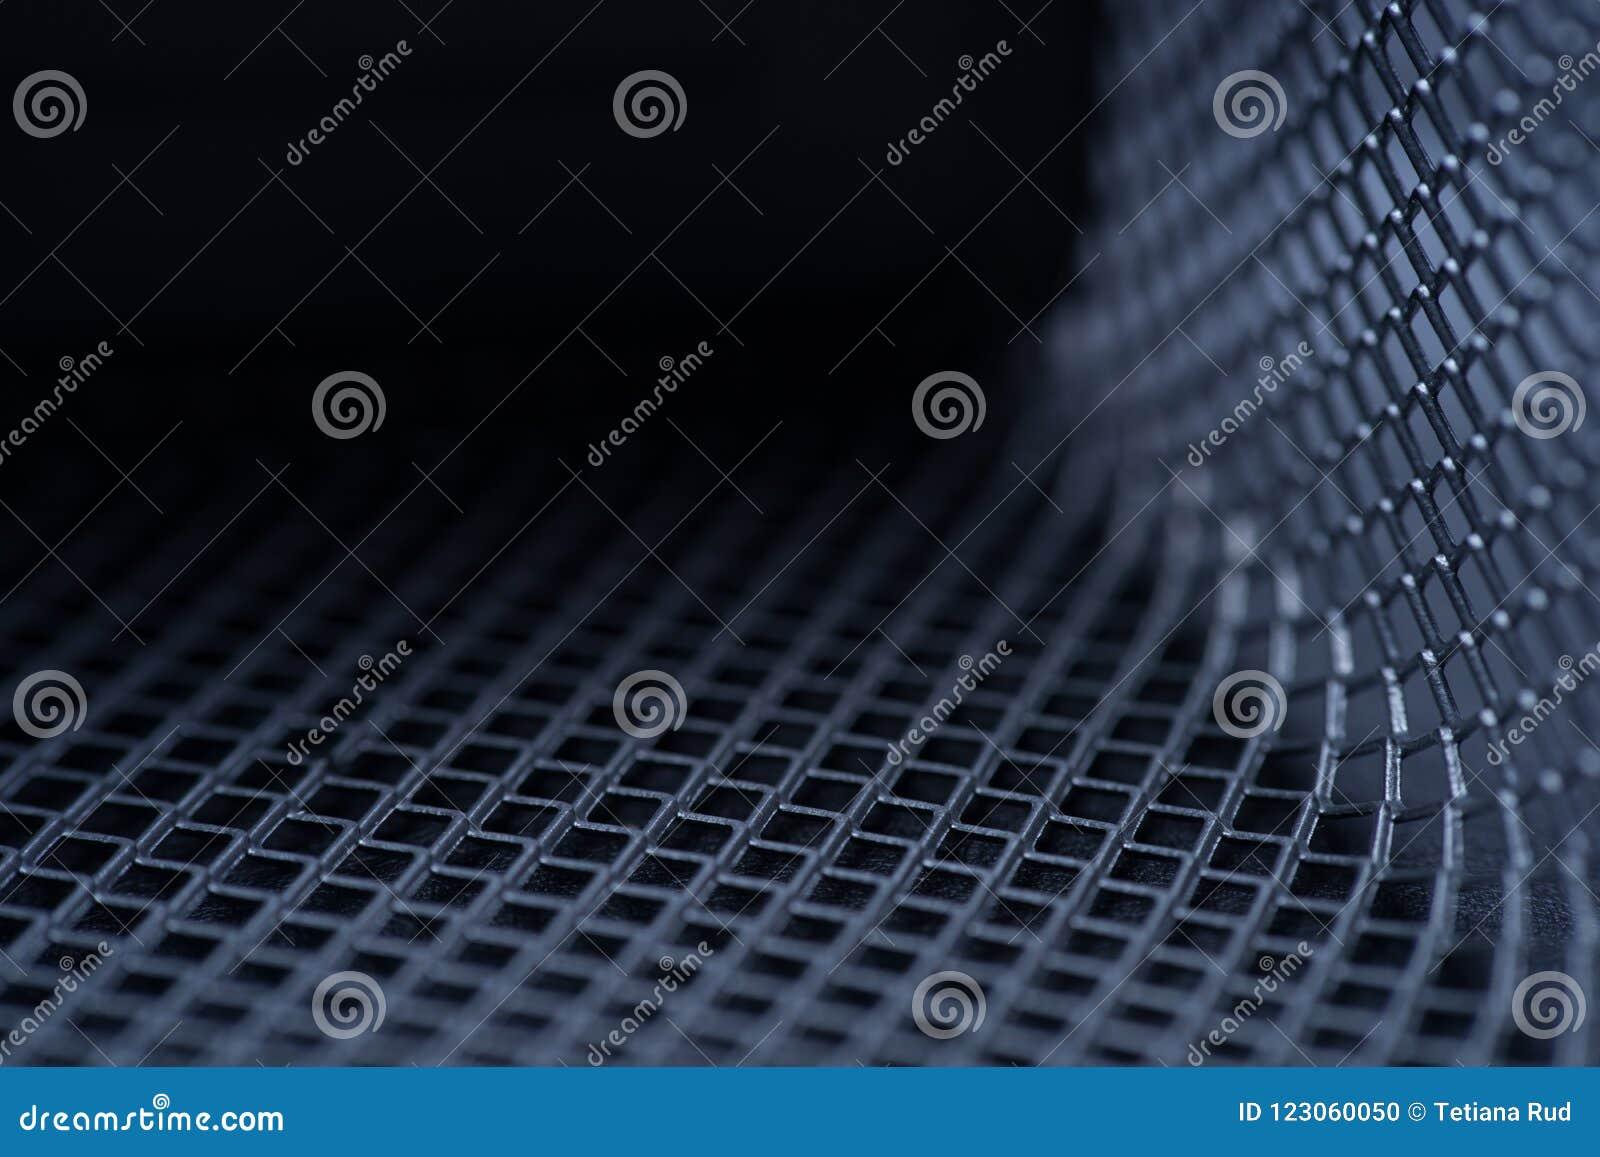 Metallrasterbakgrund, bakgrundsmonokrom abstrakt bakgrund gears hjul för vektorn för metall för bildfantasi industriella mekanisk